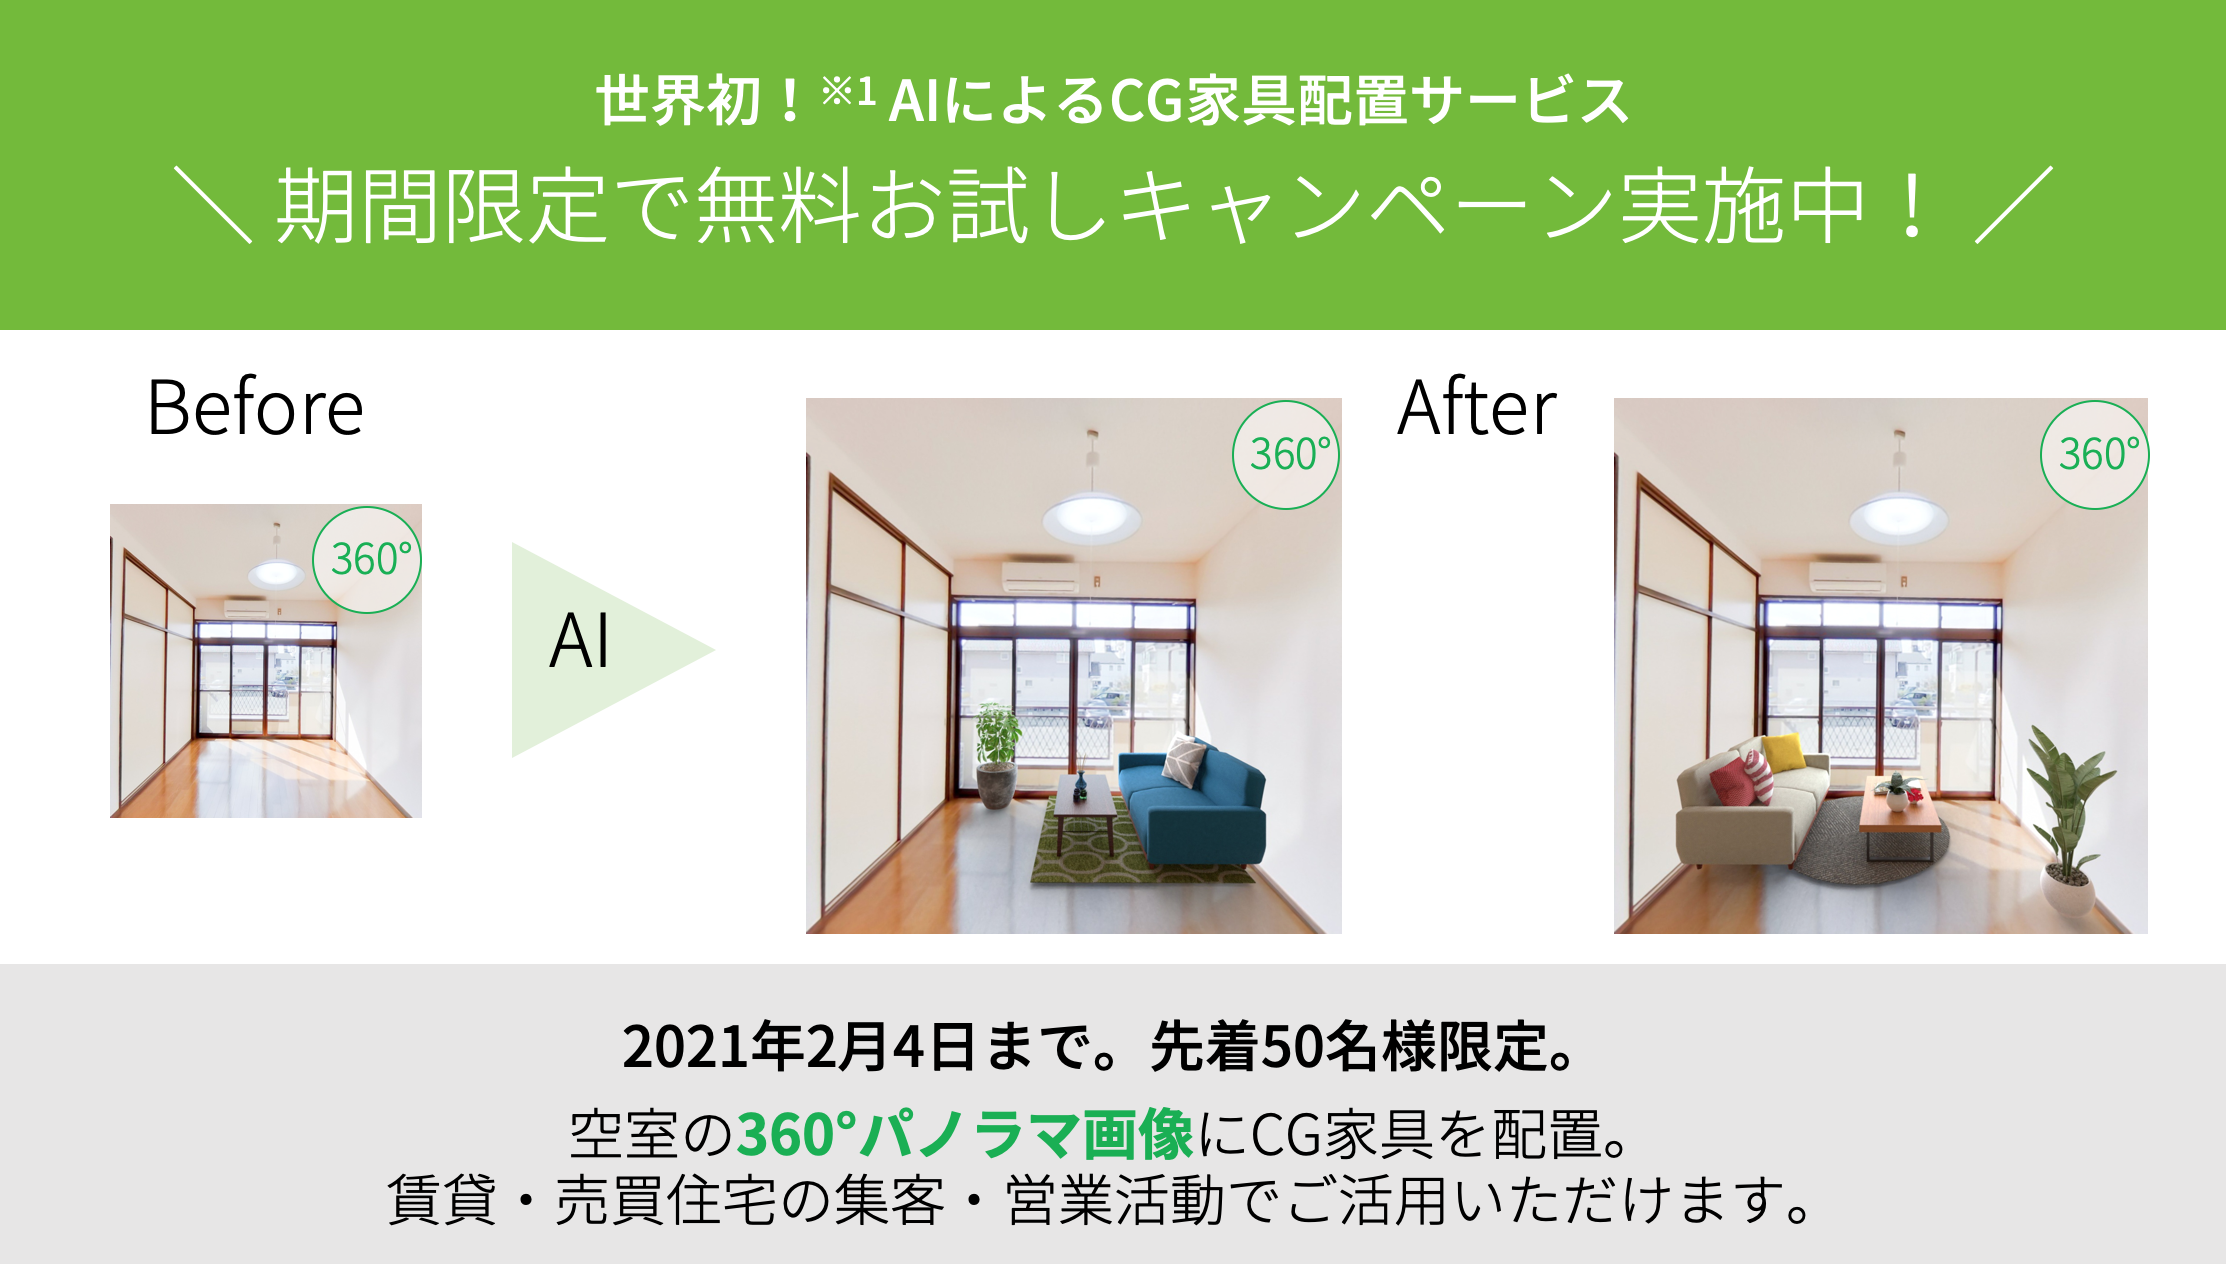 照片中提到了世界初!※1 AIによるCG家具配置サービス、期間限定で無料お試しキャンペーン実施中!/、Before,跟賢者集團有關,包含了屋、屬性、產品設計、房地產、採光